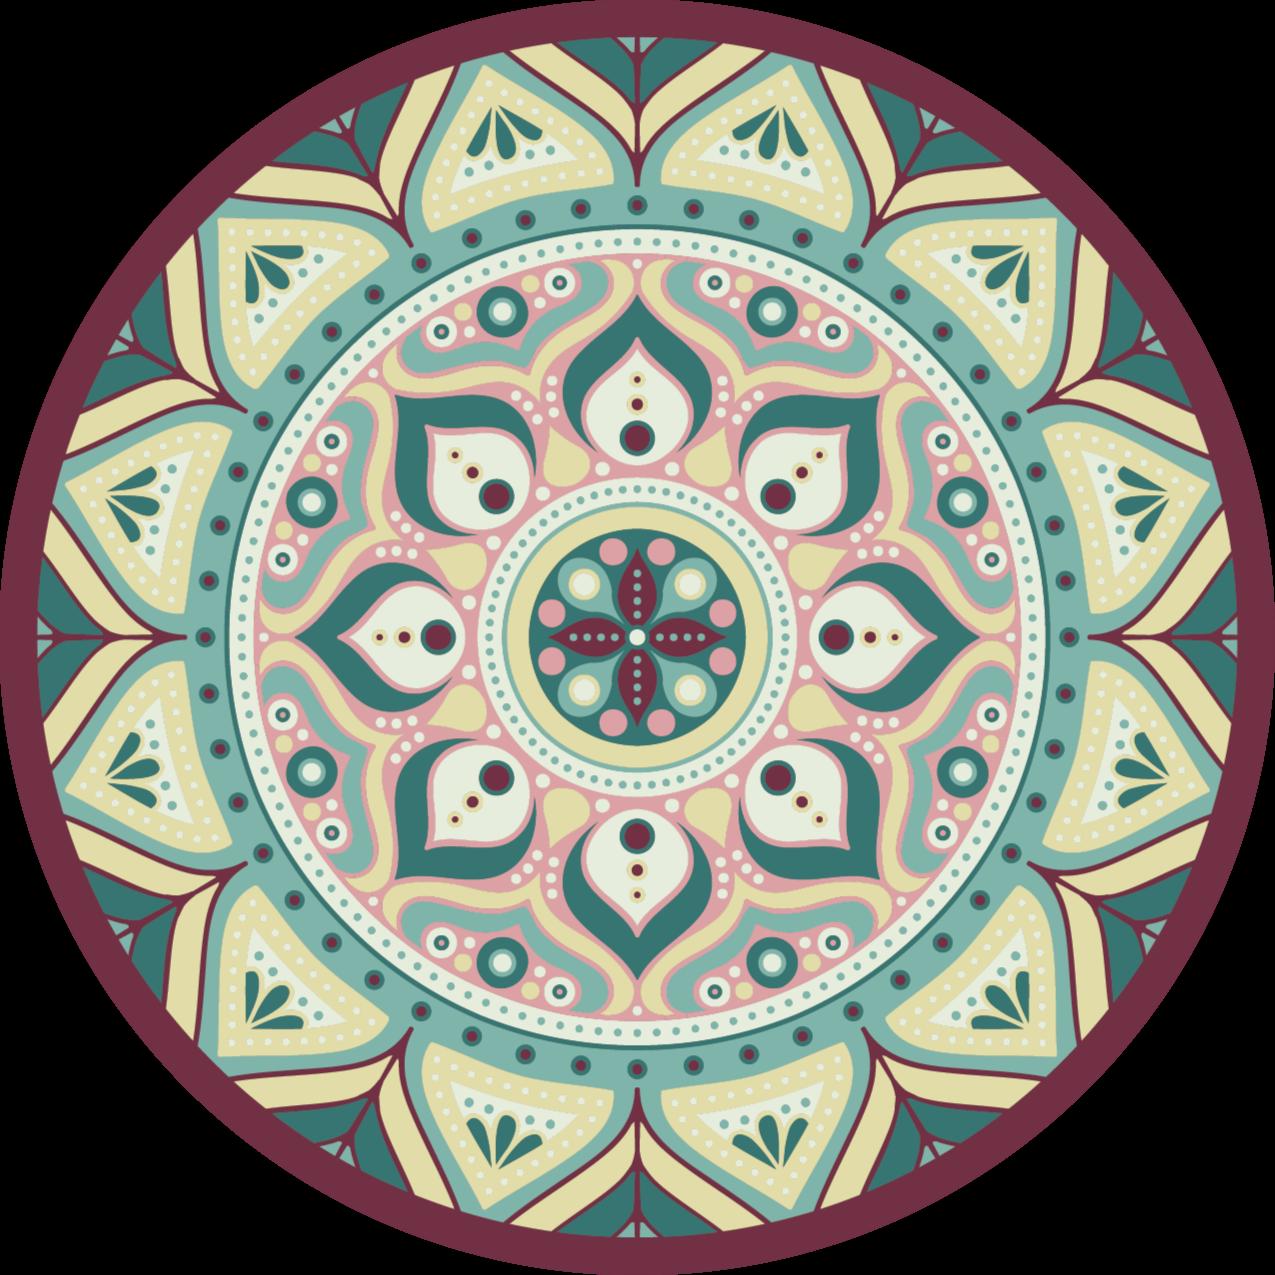 Tenstickers. Rund vinylteppe mandala flerfarget mandala matte. Fantastiske design for folk som elsker tribal utskrifter. Den kan plasseres på et hvilket som helst gulvområde i et hjem og er også egnet for andre rom